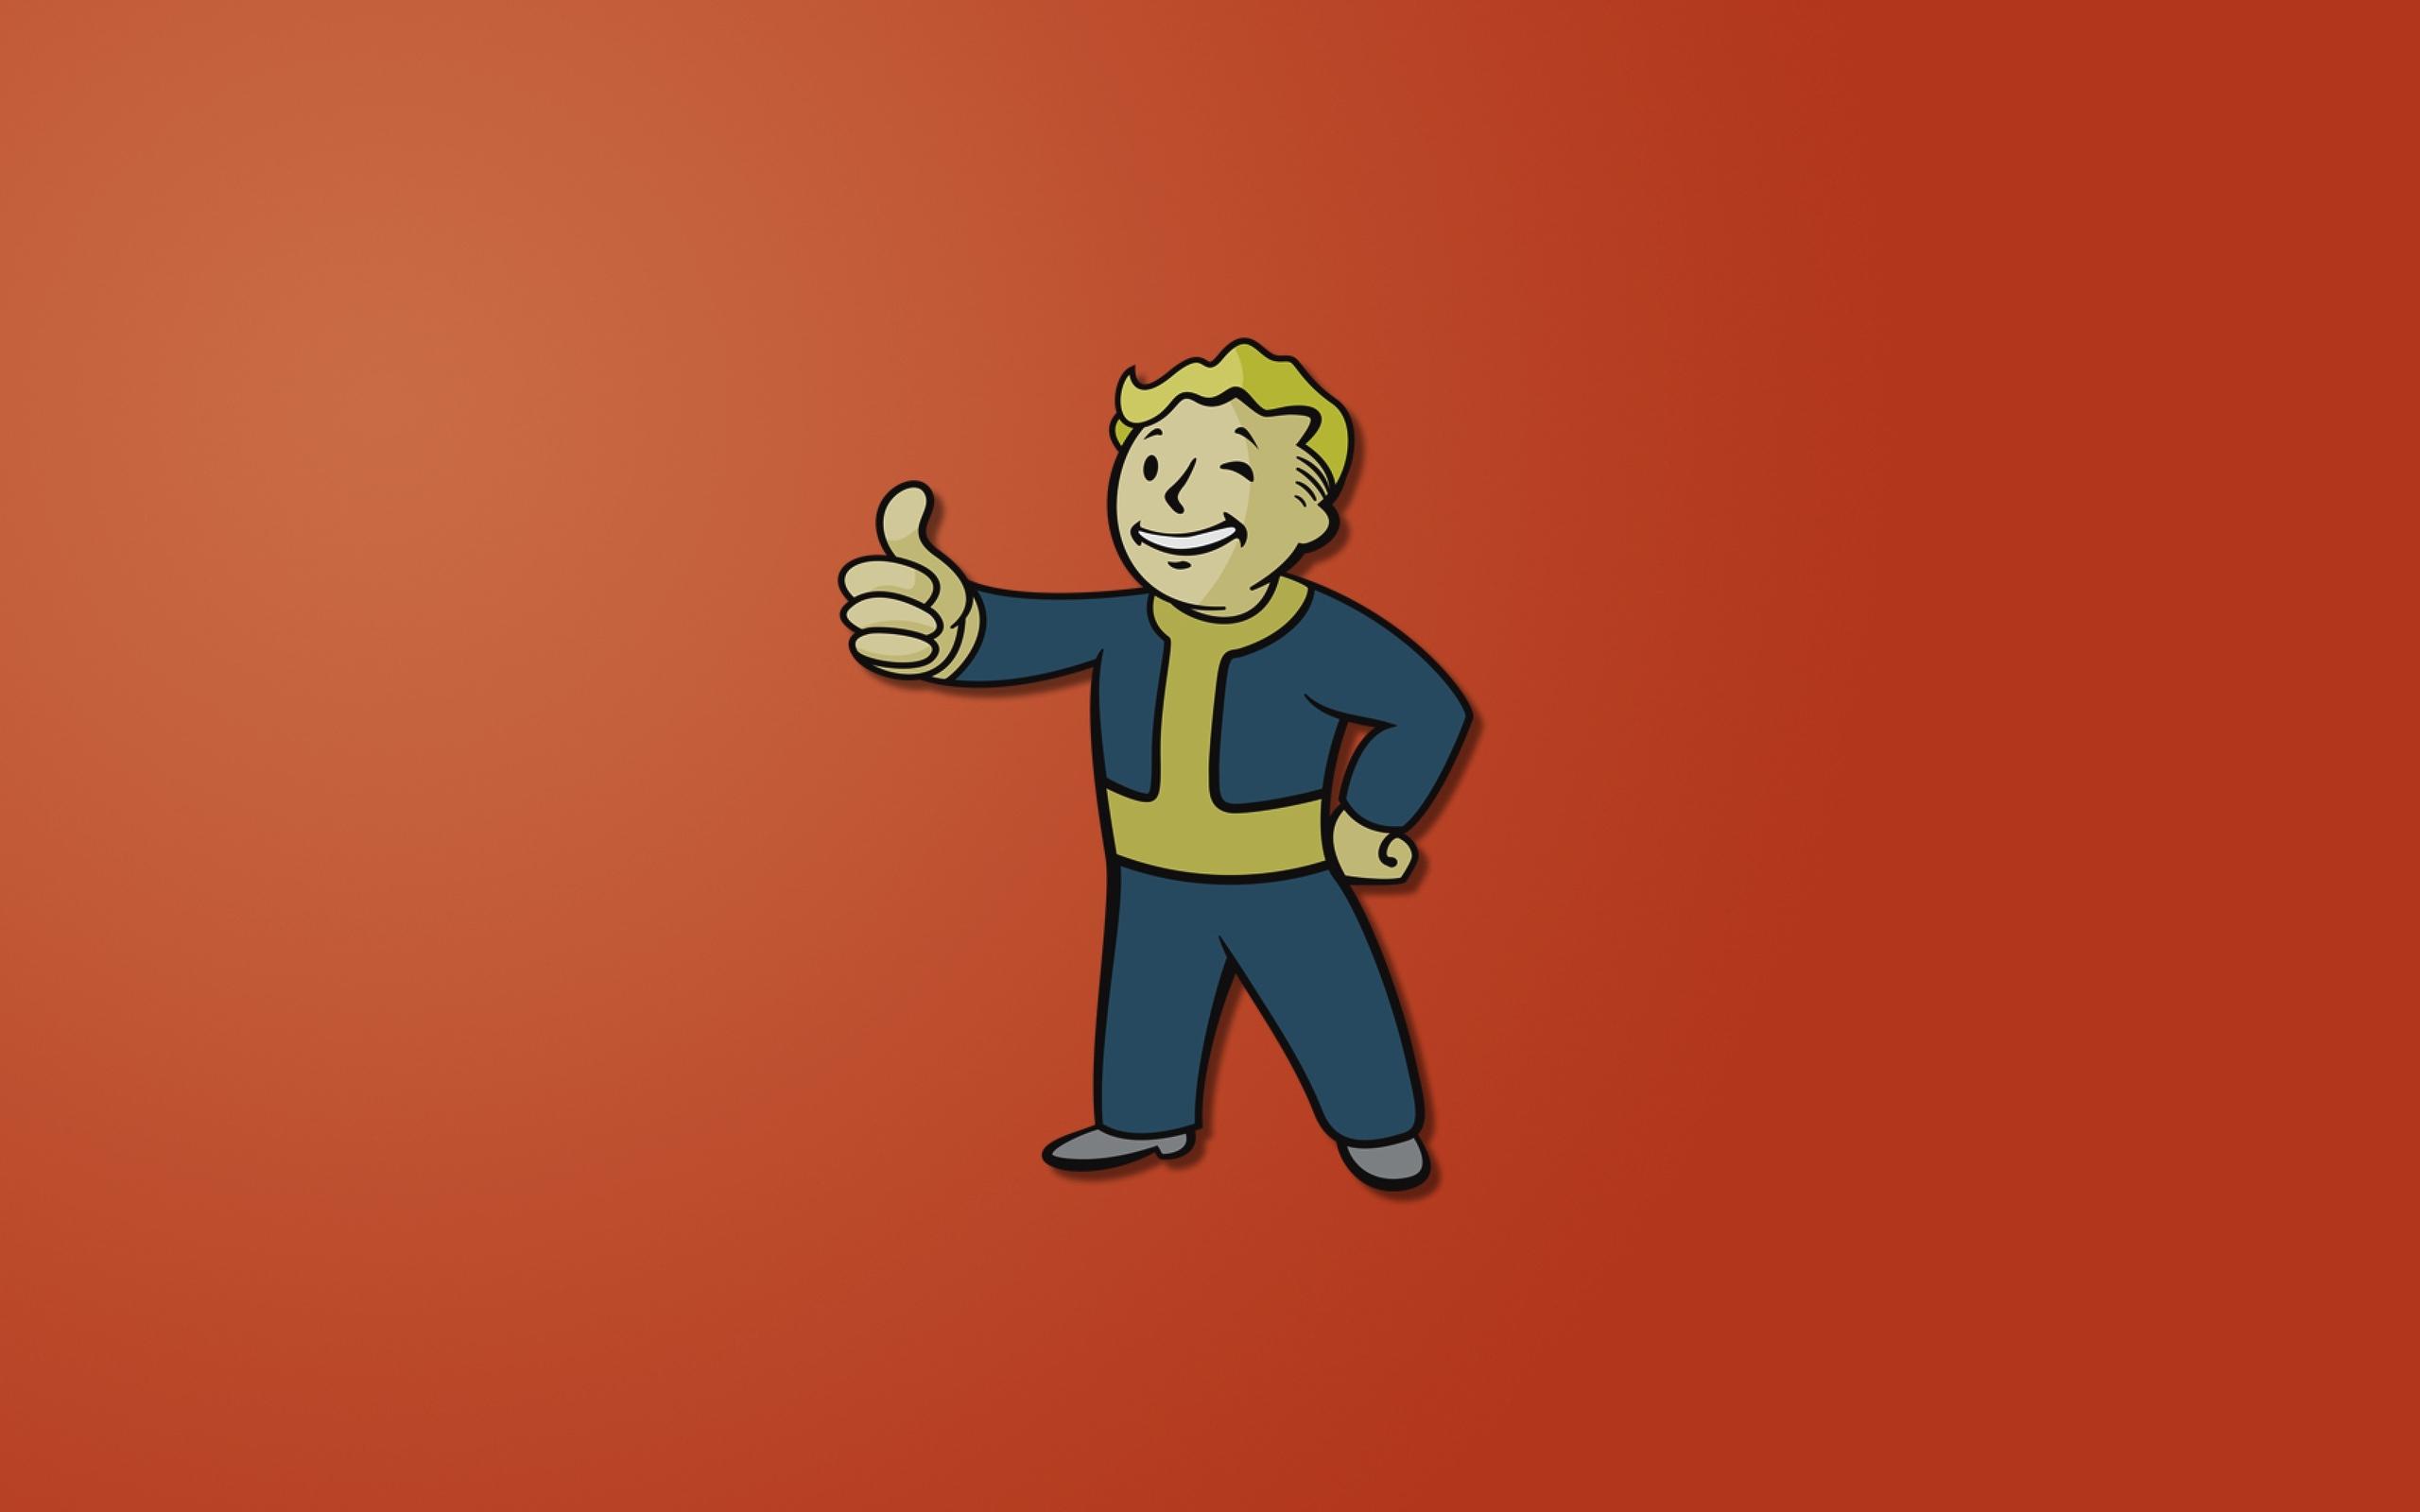 fallout-boy-minimalism.jpg